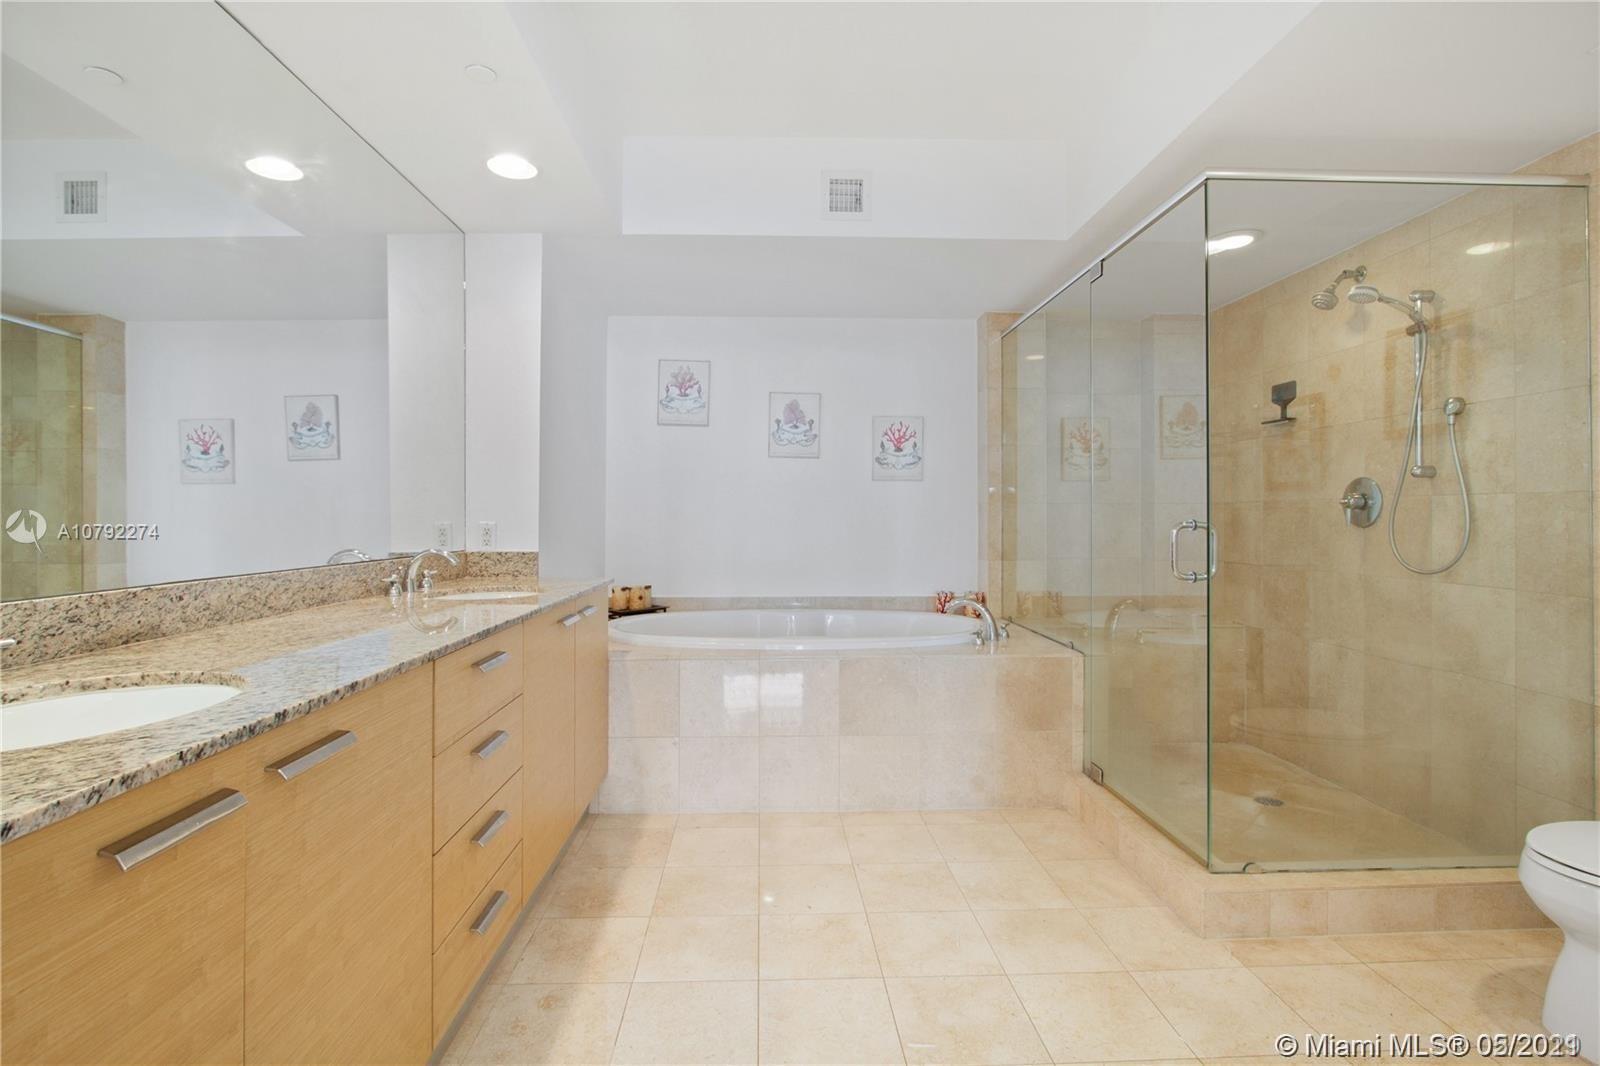 4503 3 / 3 1733 sq. ft. $ 2020-05-21 0 foto